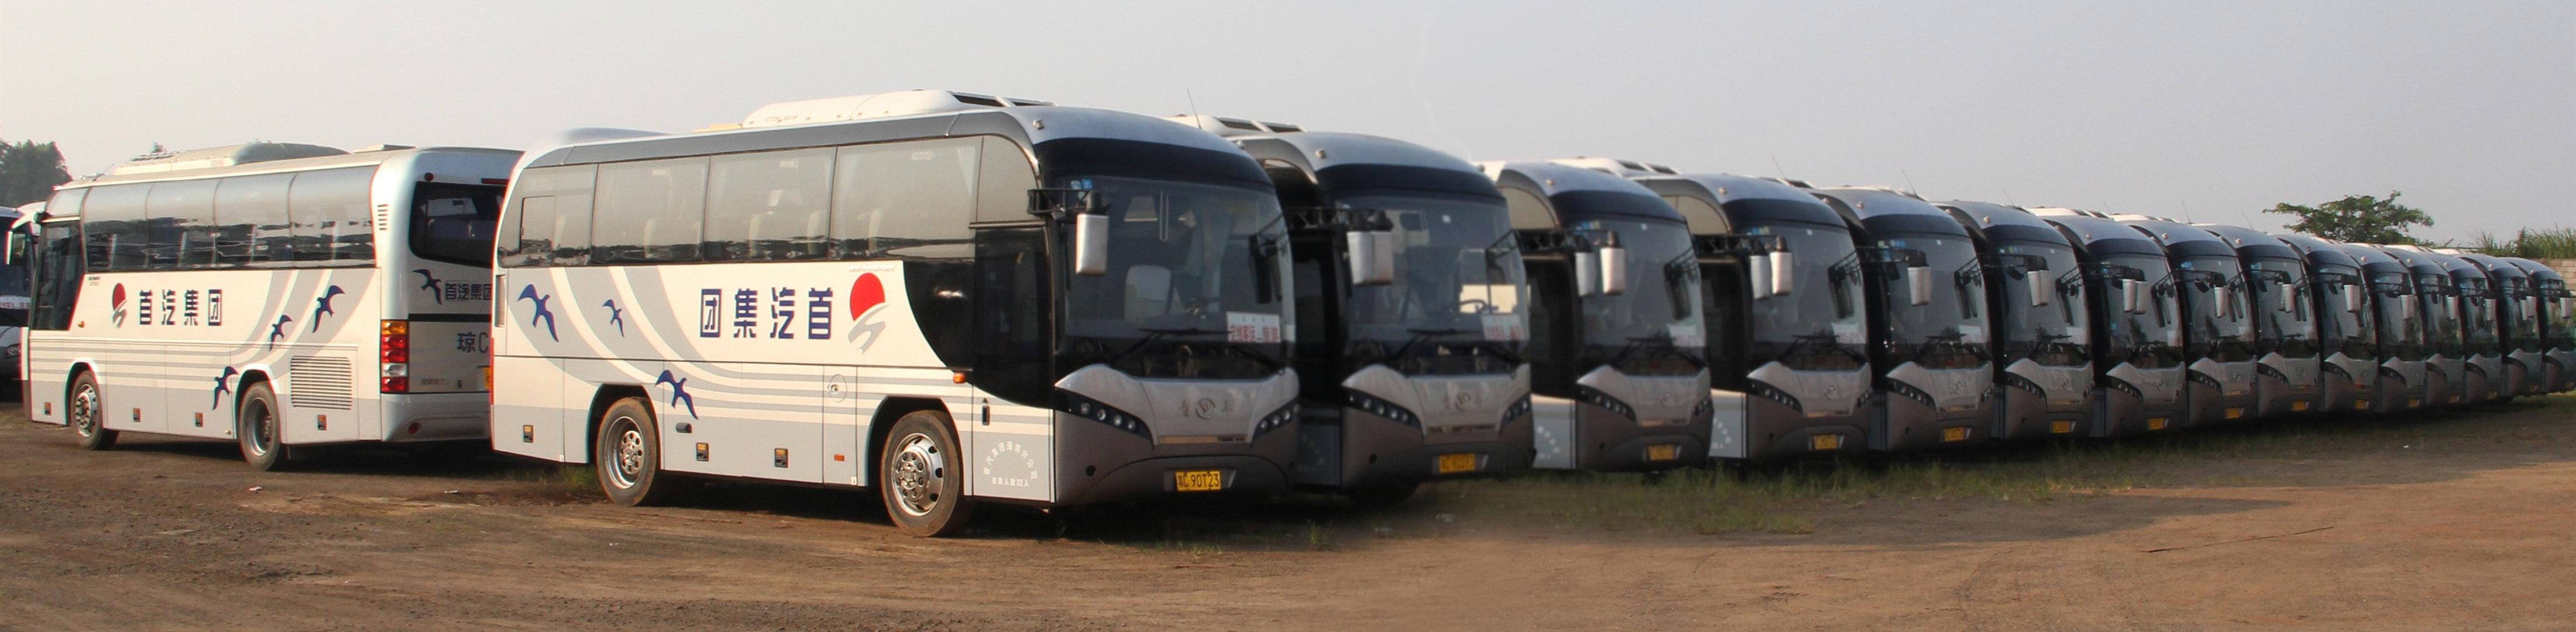 北京首汽租车55座大巴车带司机租一天多少钱?租车电话 - 4006222262-首汽环球